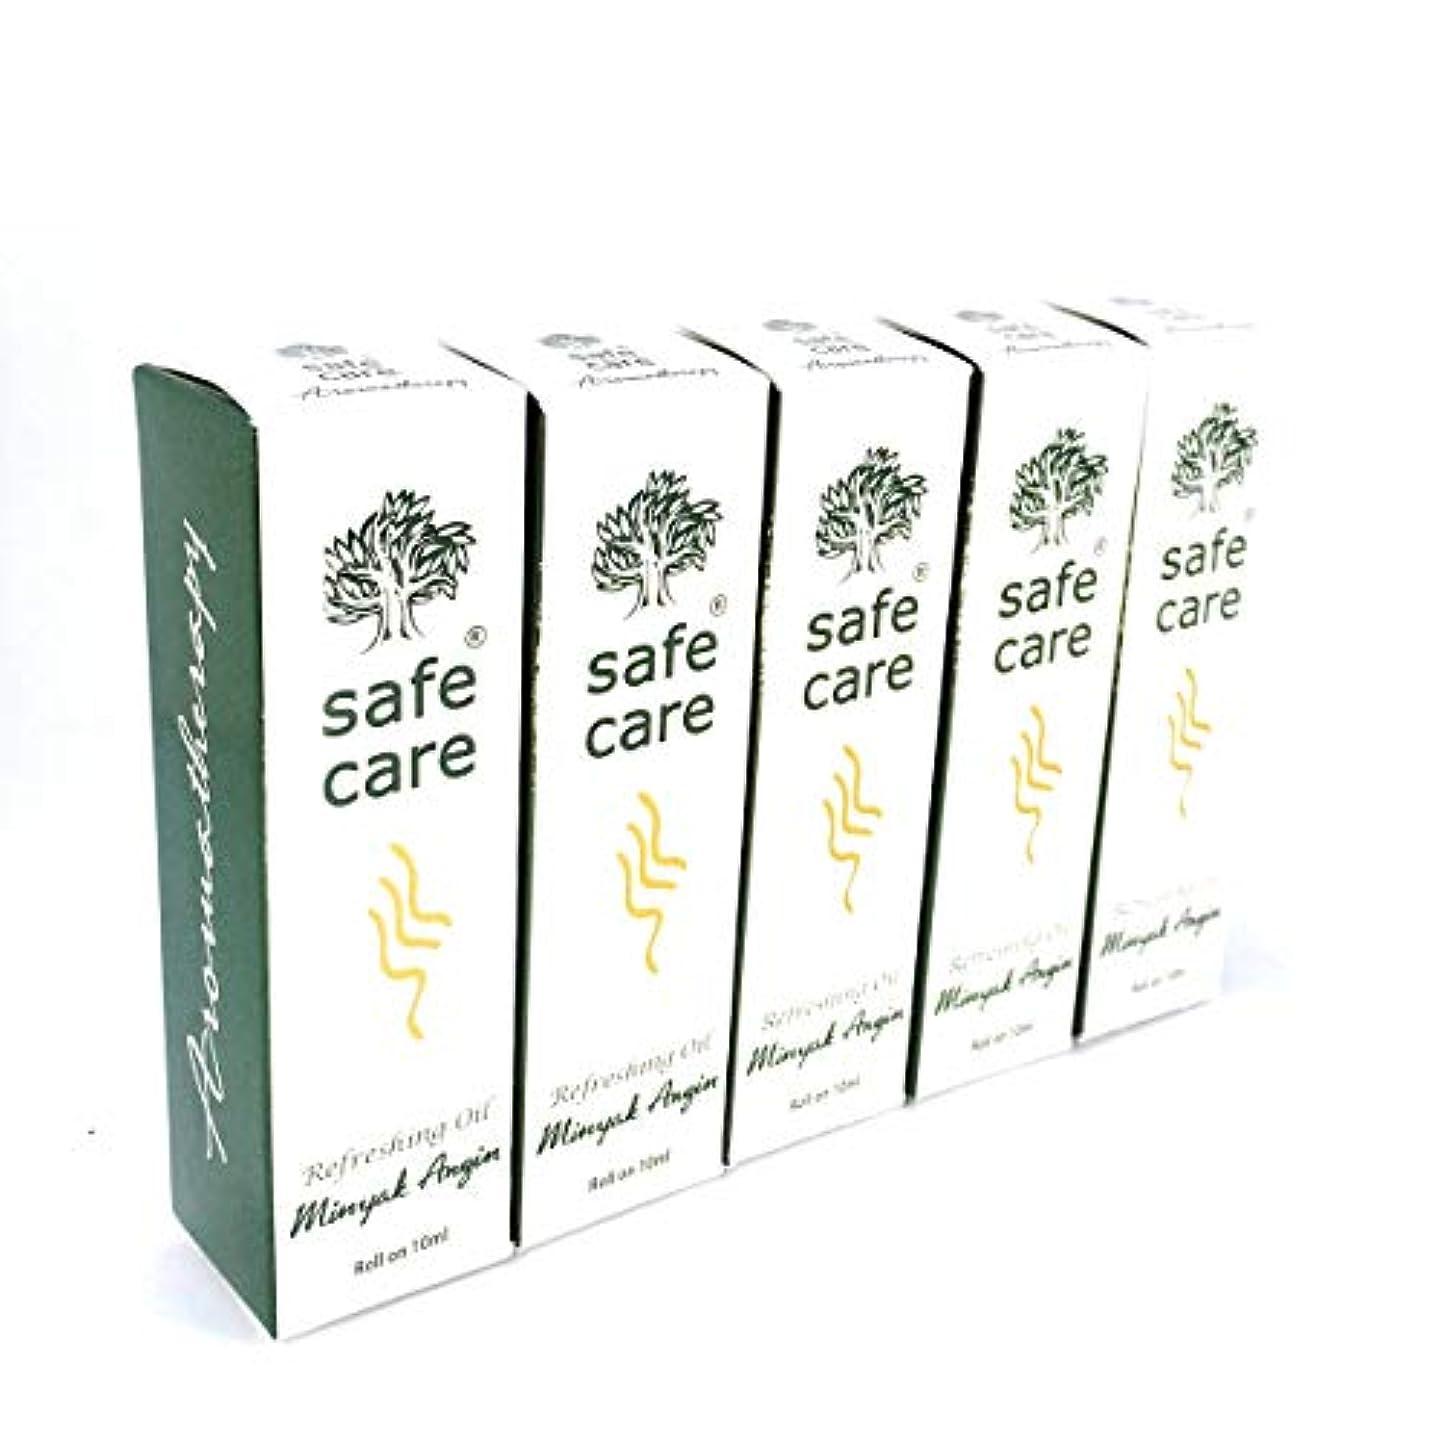 歴史家ペグ船乗りSafe Care セイフケア Aromatherapy Refreshing Oil アロマテラピー リフレッシュオイル ロールオン 10ml × 5本セット [並行輸入品][海外直送品]